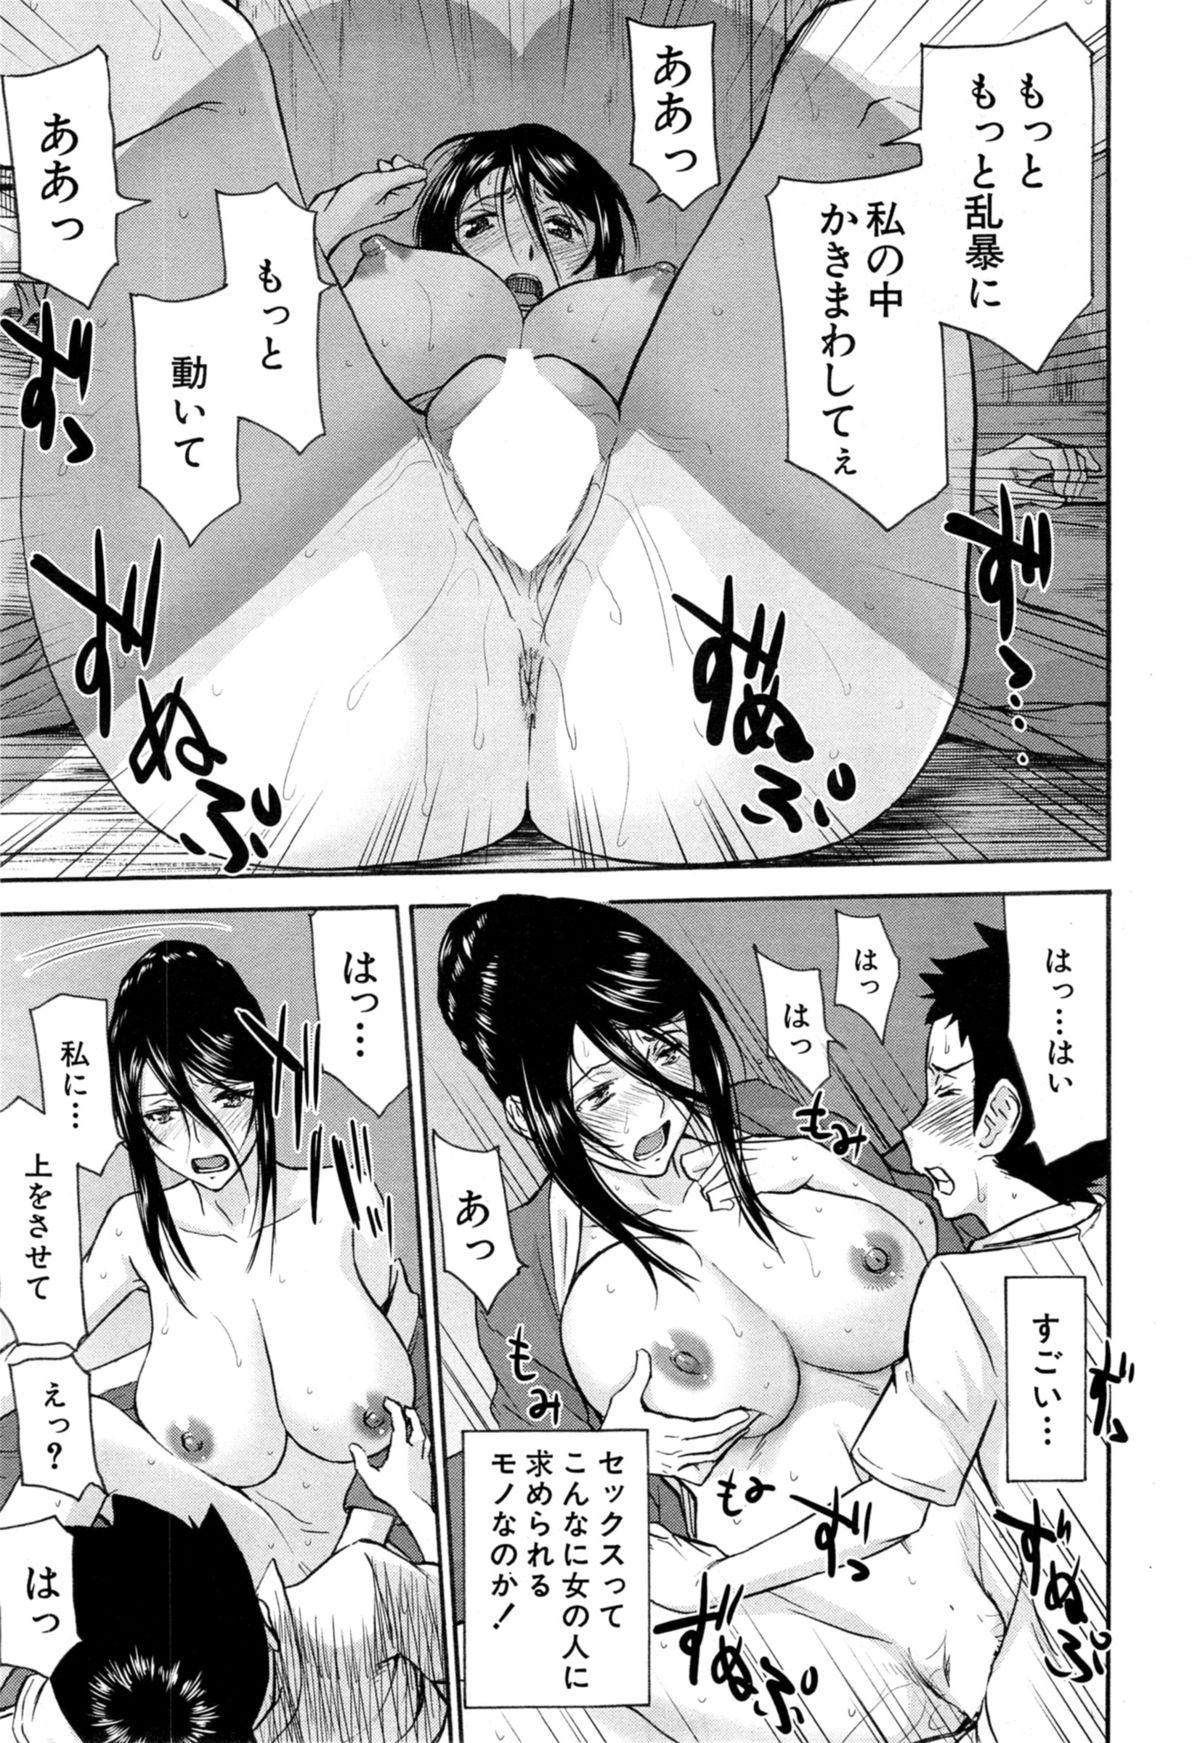 Zashikihime no Omocha Ch. 1-2 23